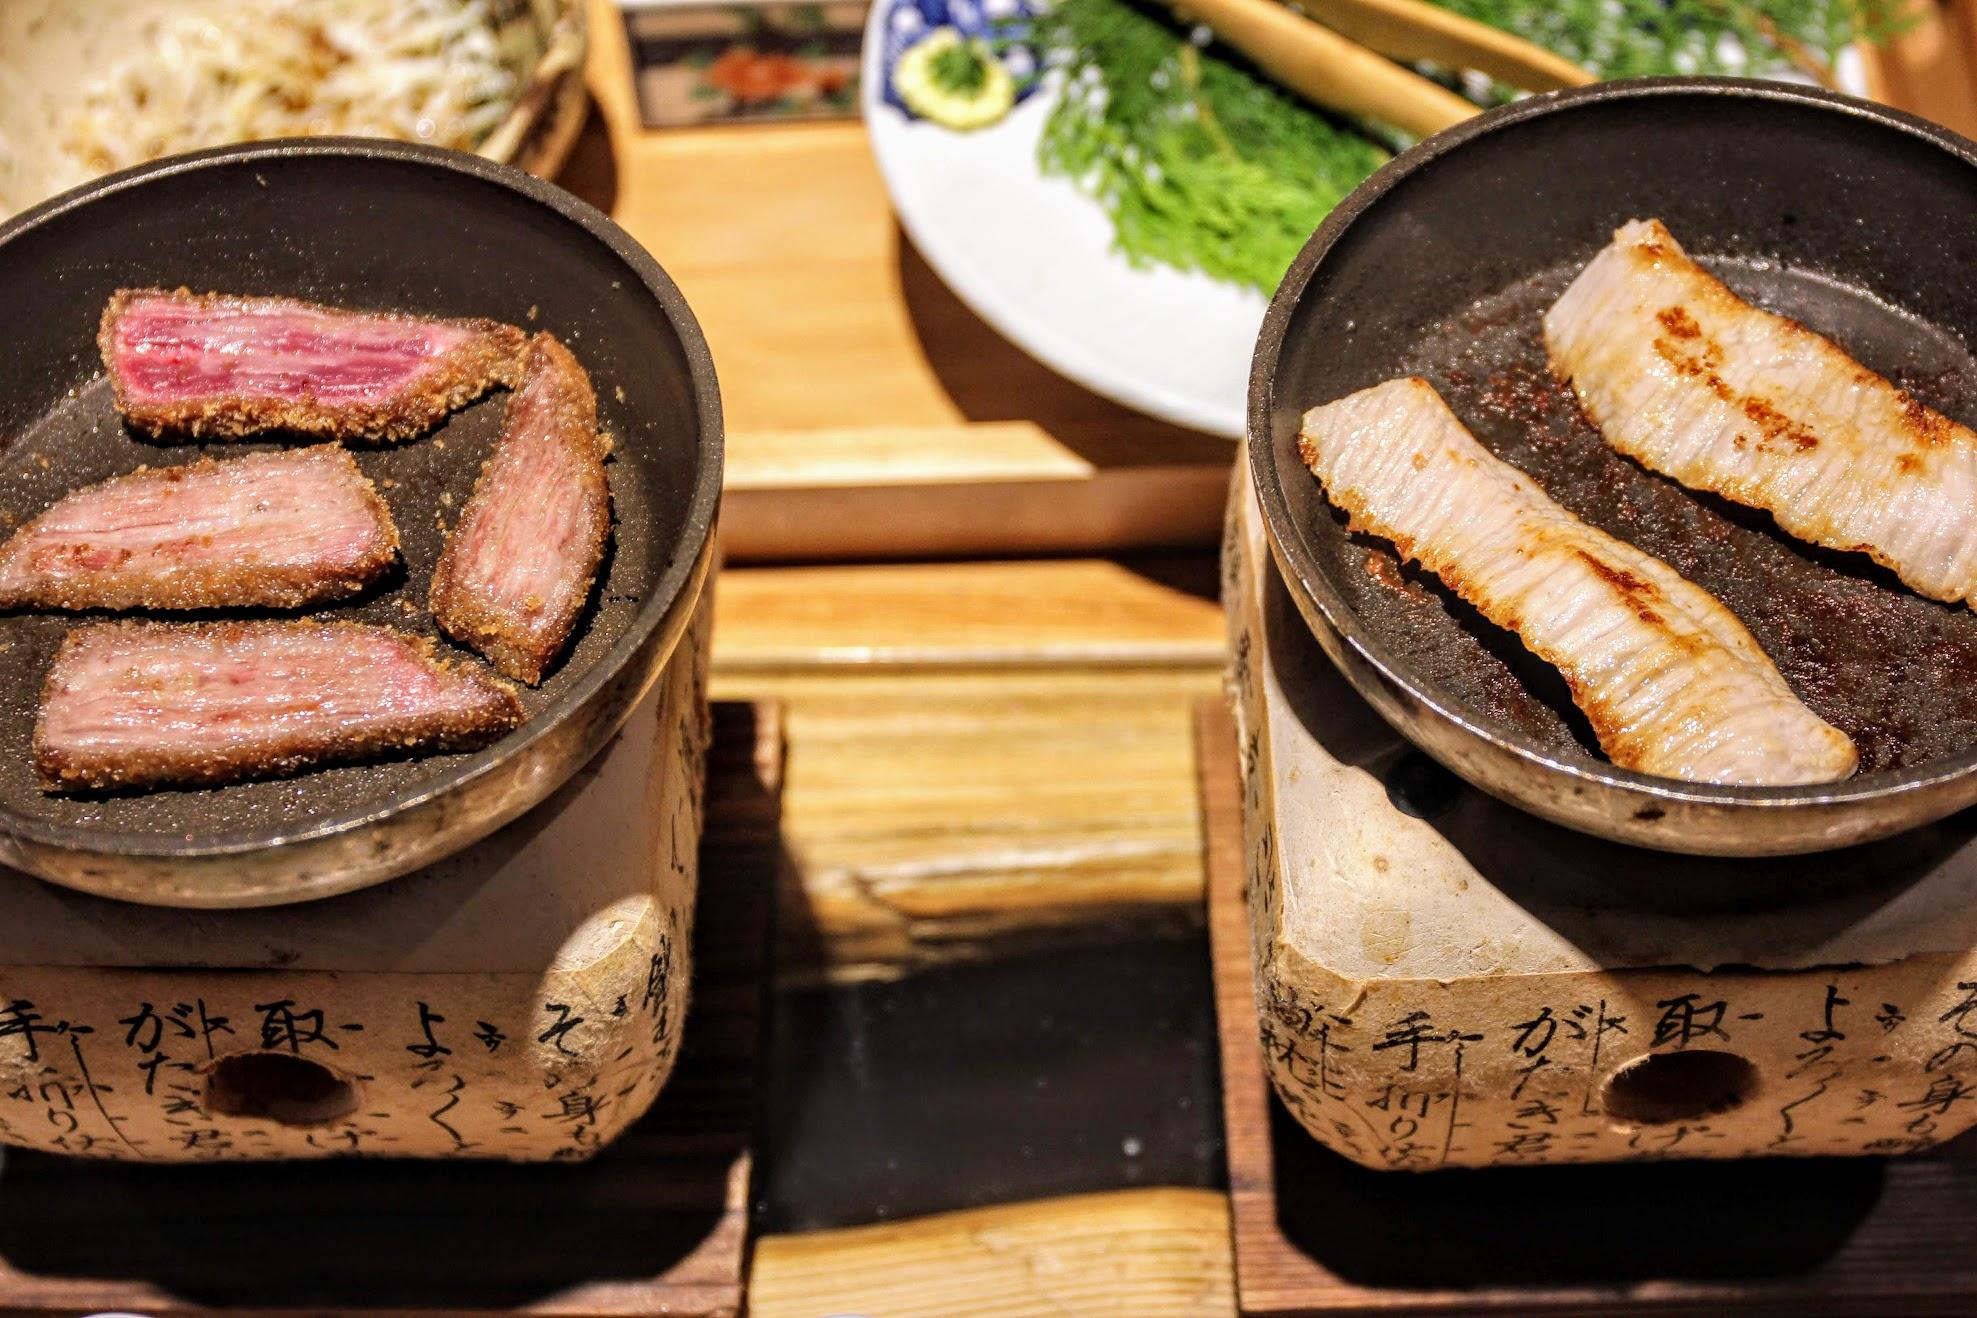 就這樣,一頓餐就結束了...認真說牛肉/豬肉,不管哪種肉選的都不賴,烤起來也好吃